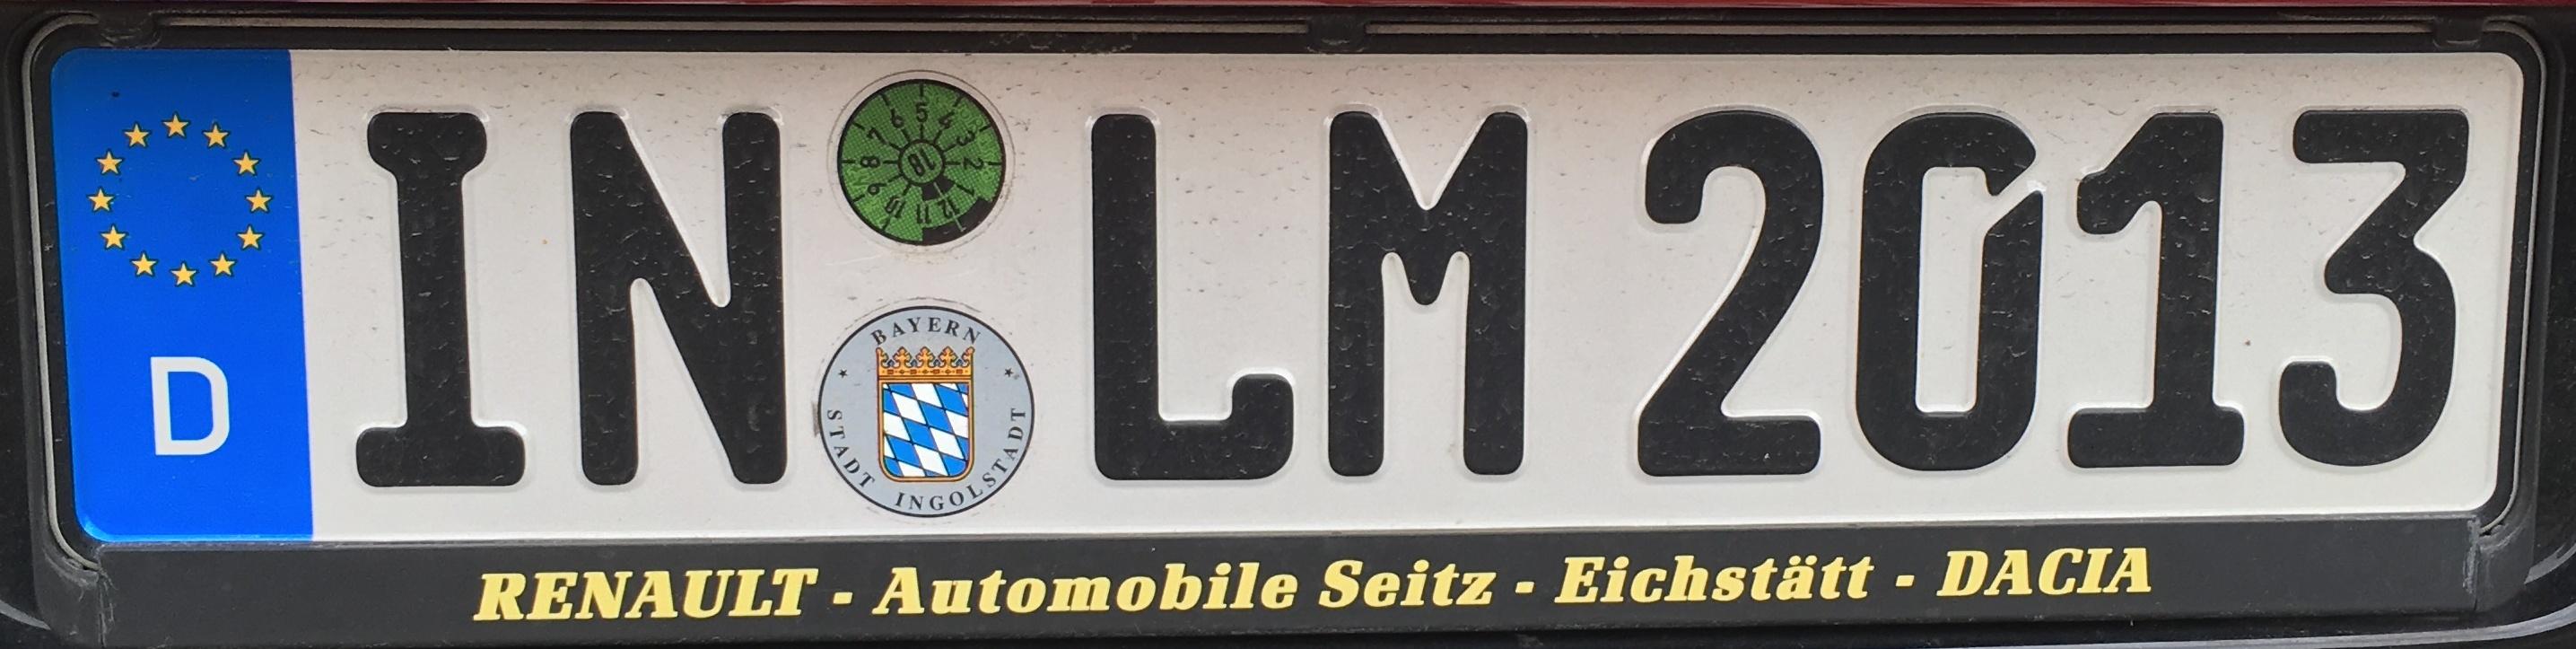 Registrační značka Německo - IN - město Ingolstadt, foto: vlastní